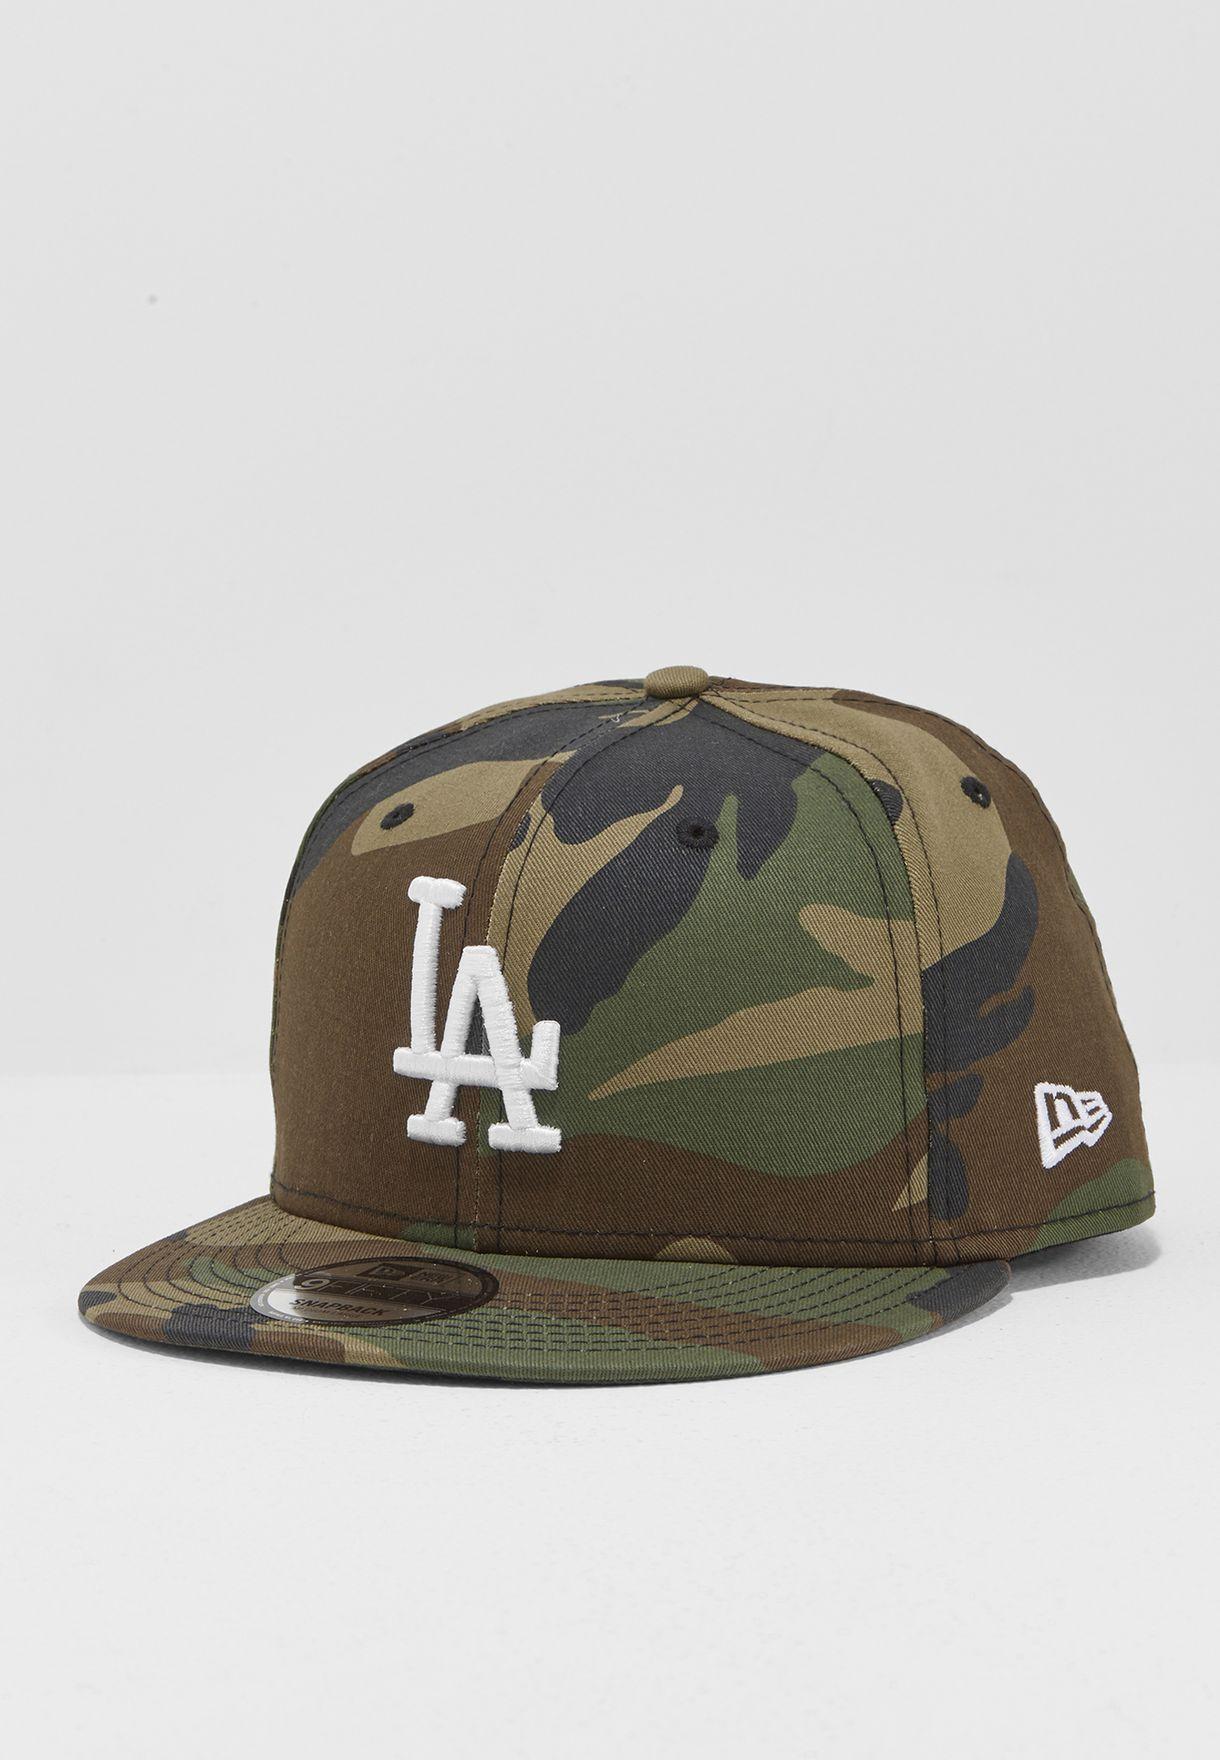 c9743636f 9Fifty Los Angeles Dodgers Cap